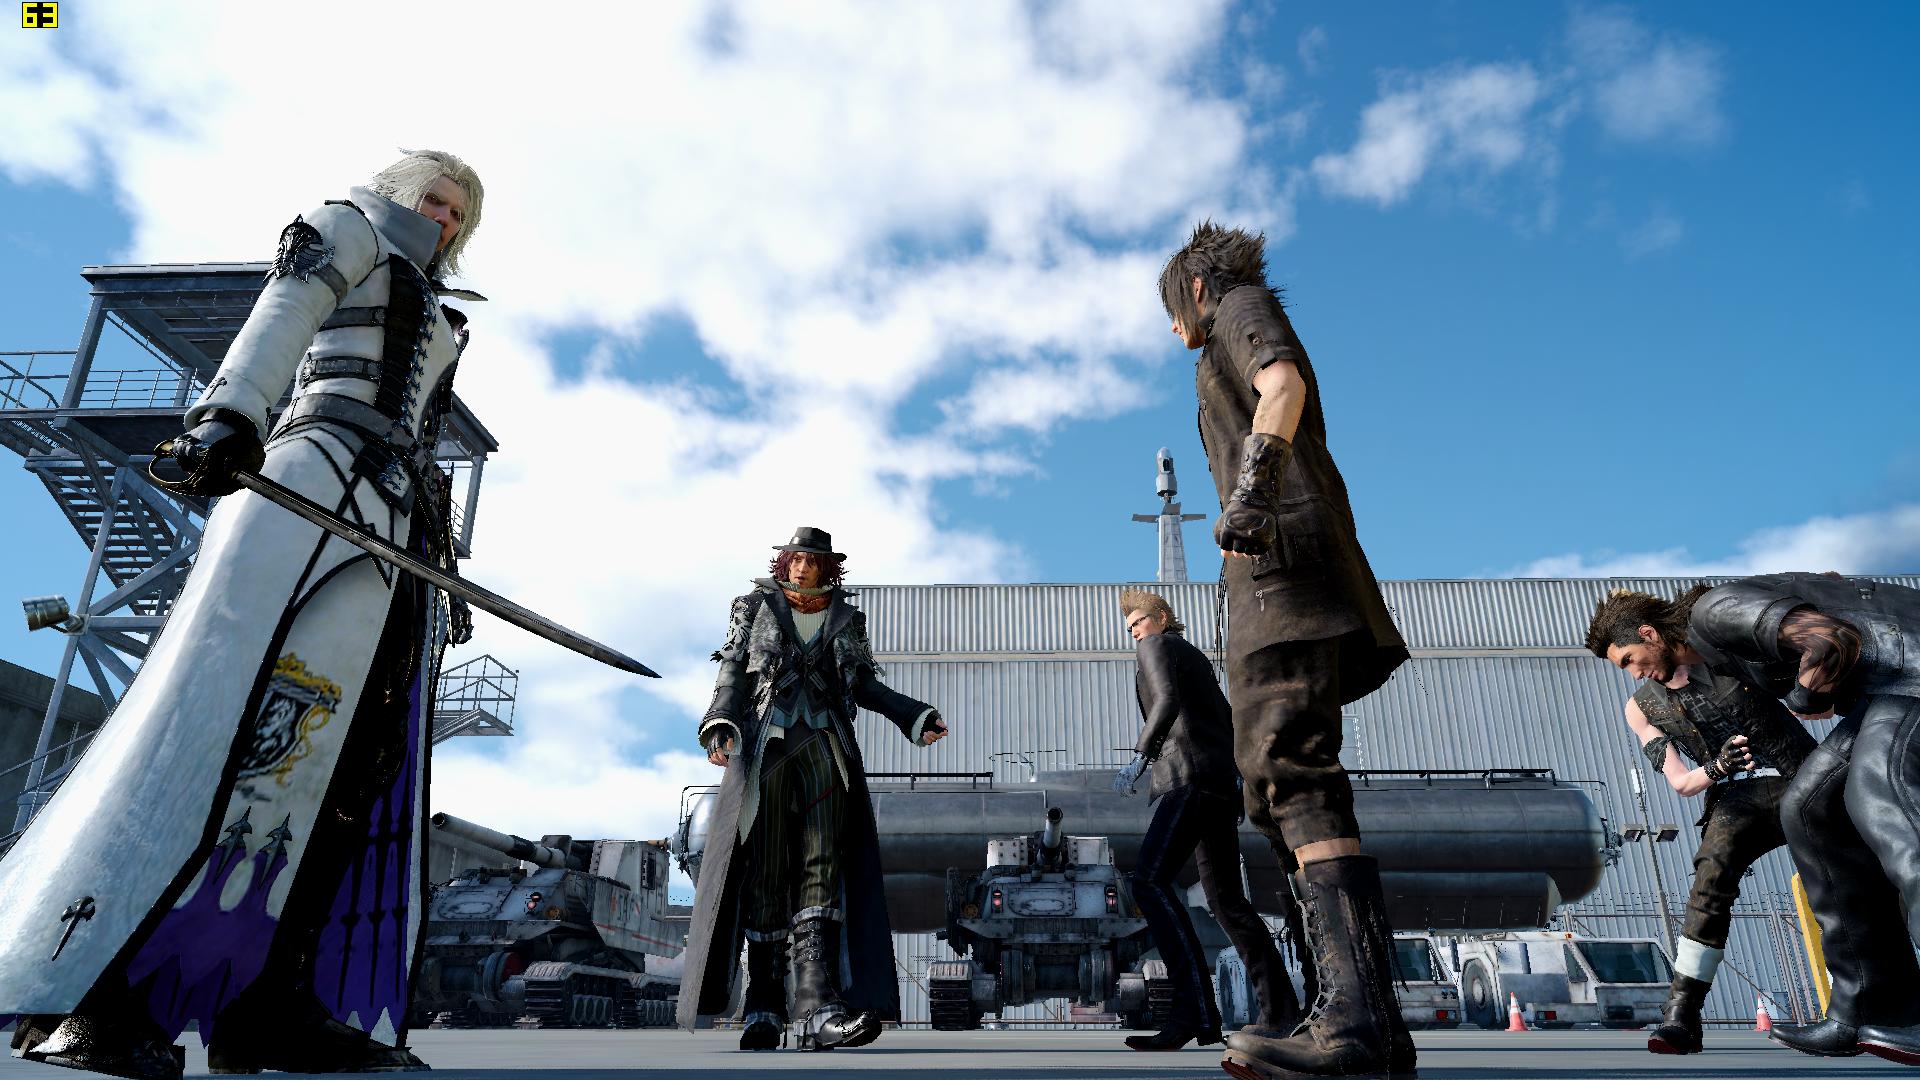 FINAL FANTASY XV Screenshot 2018.11.27 - 20.19.06.37.png - Final Fantasy 15